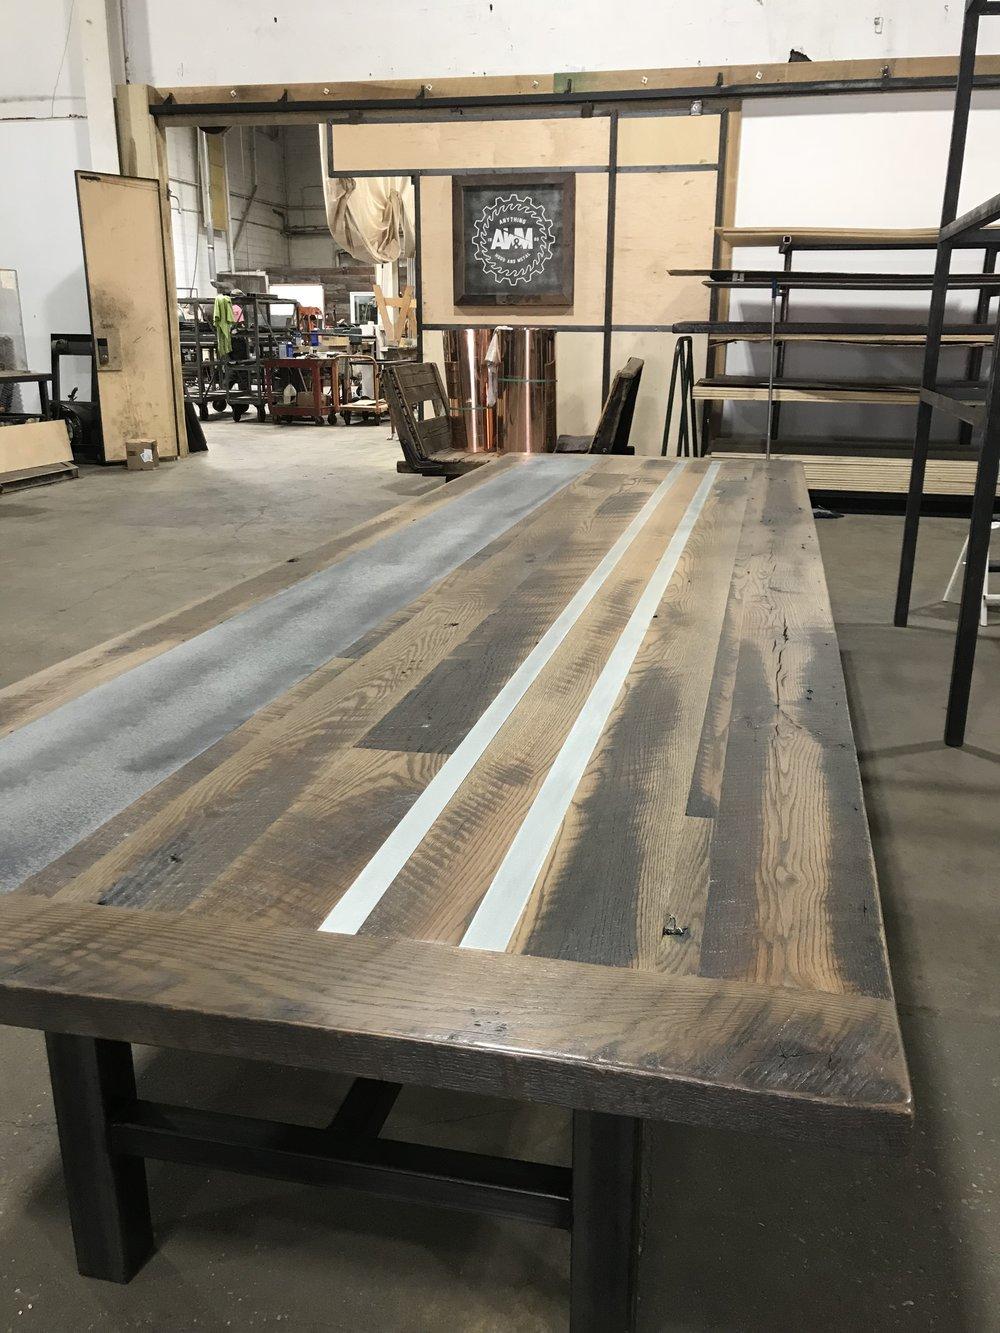 Harkins Table